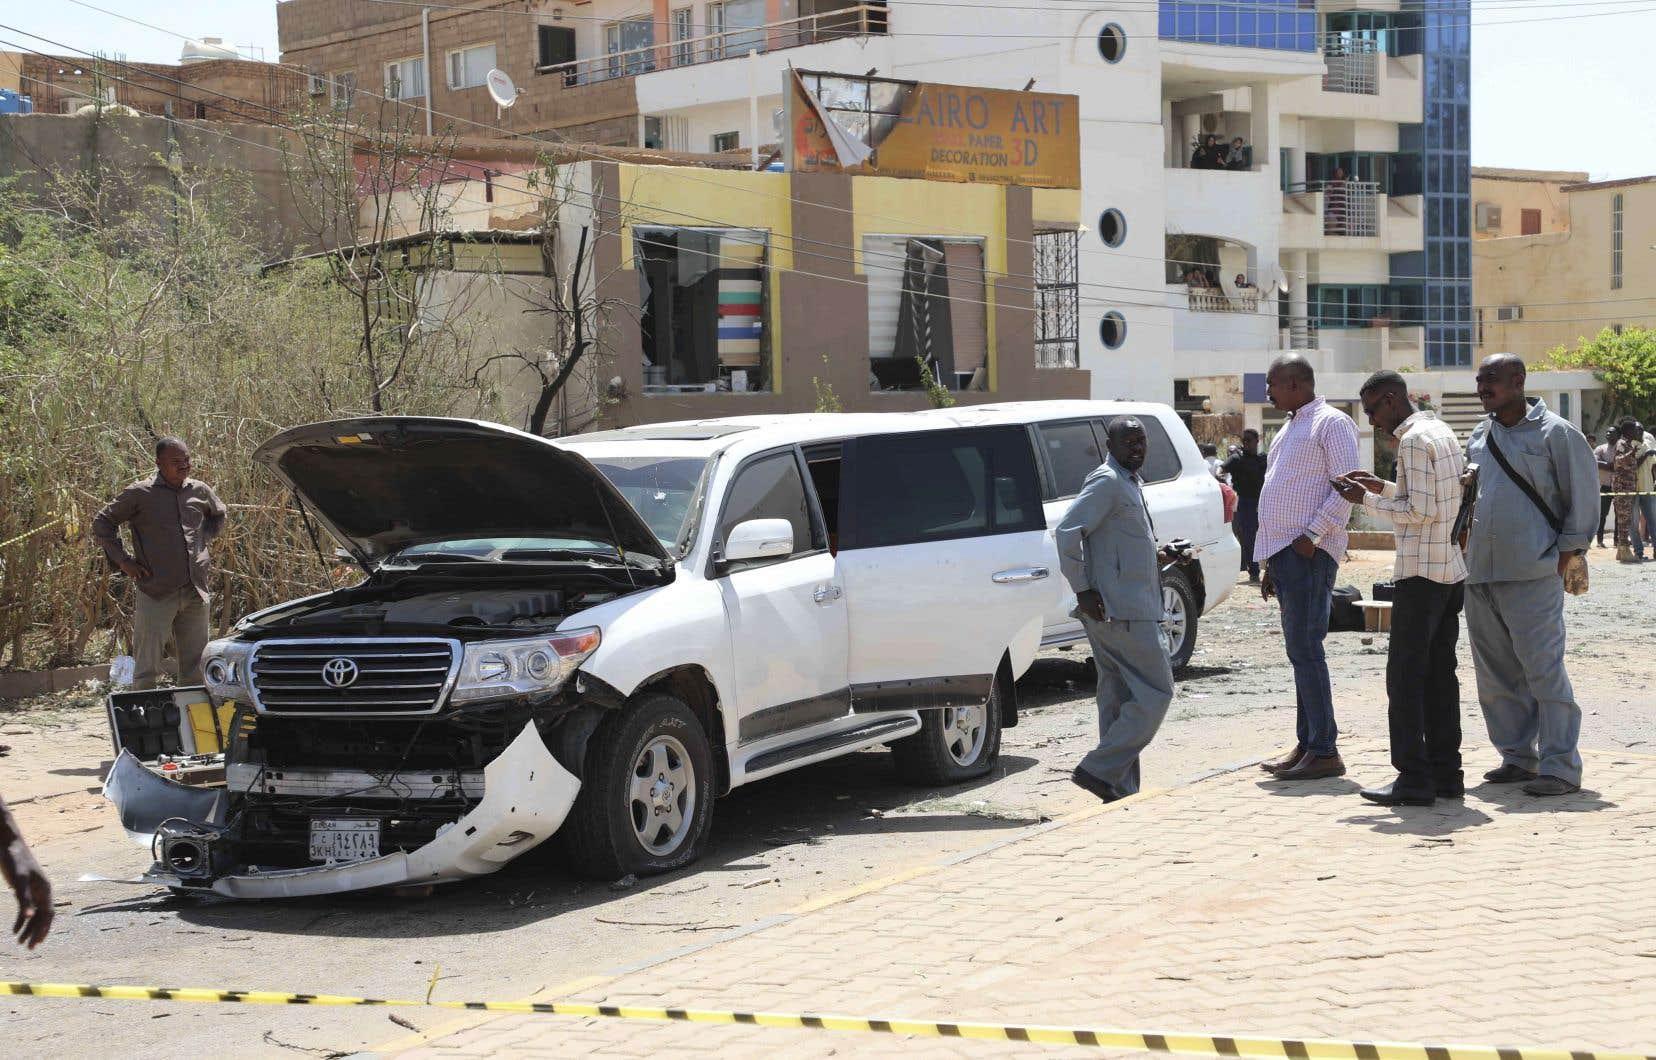 Le convoi d'AbdallahHamdok a été visé par une explosion et des tirs d'armes automatiques.